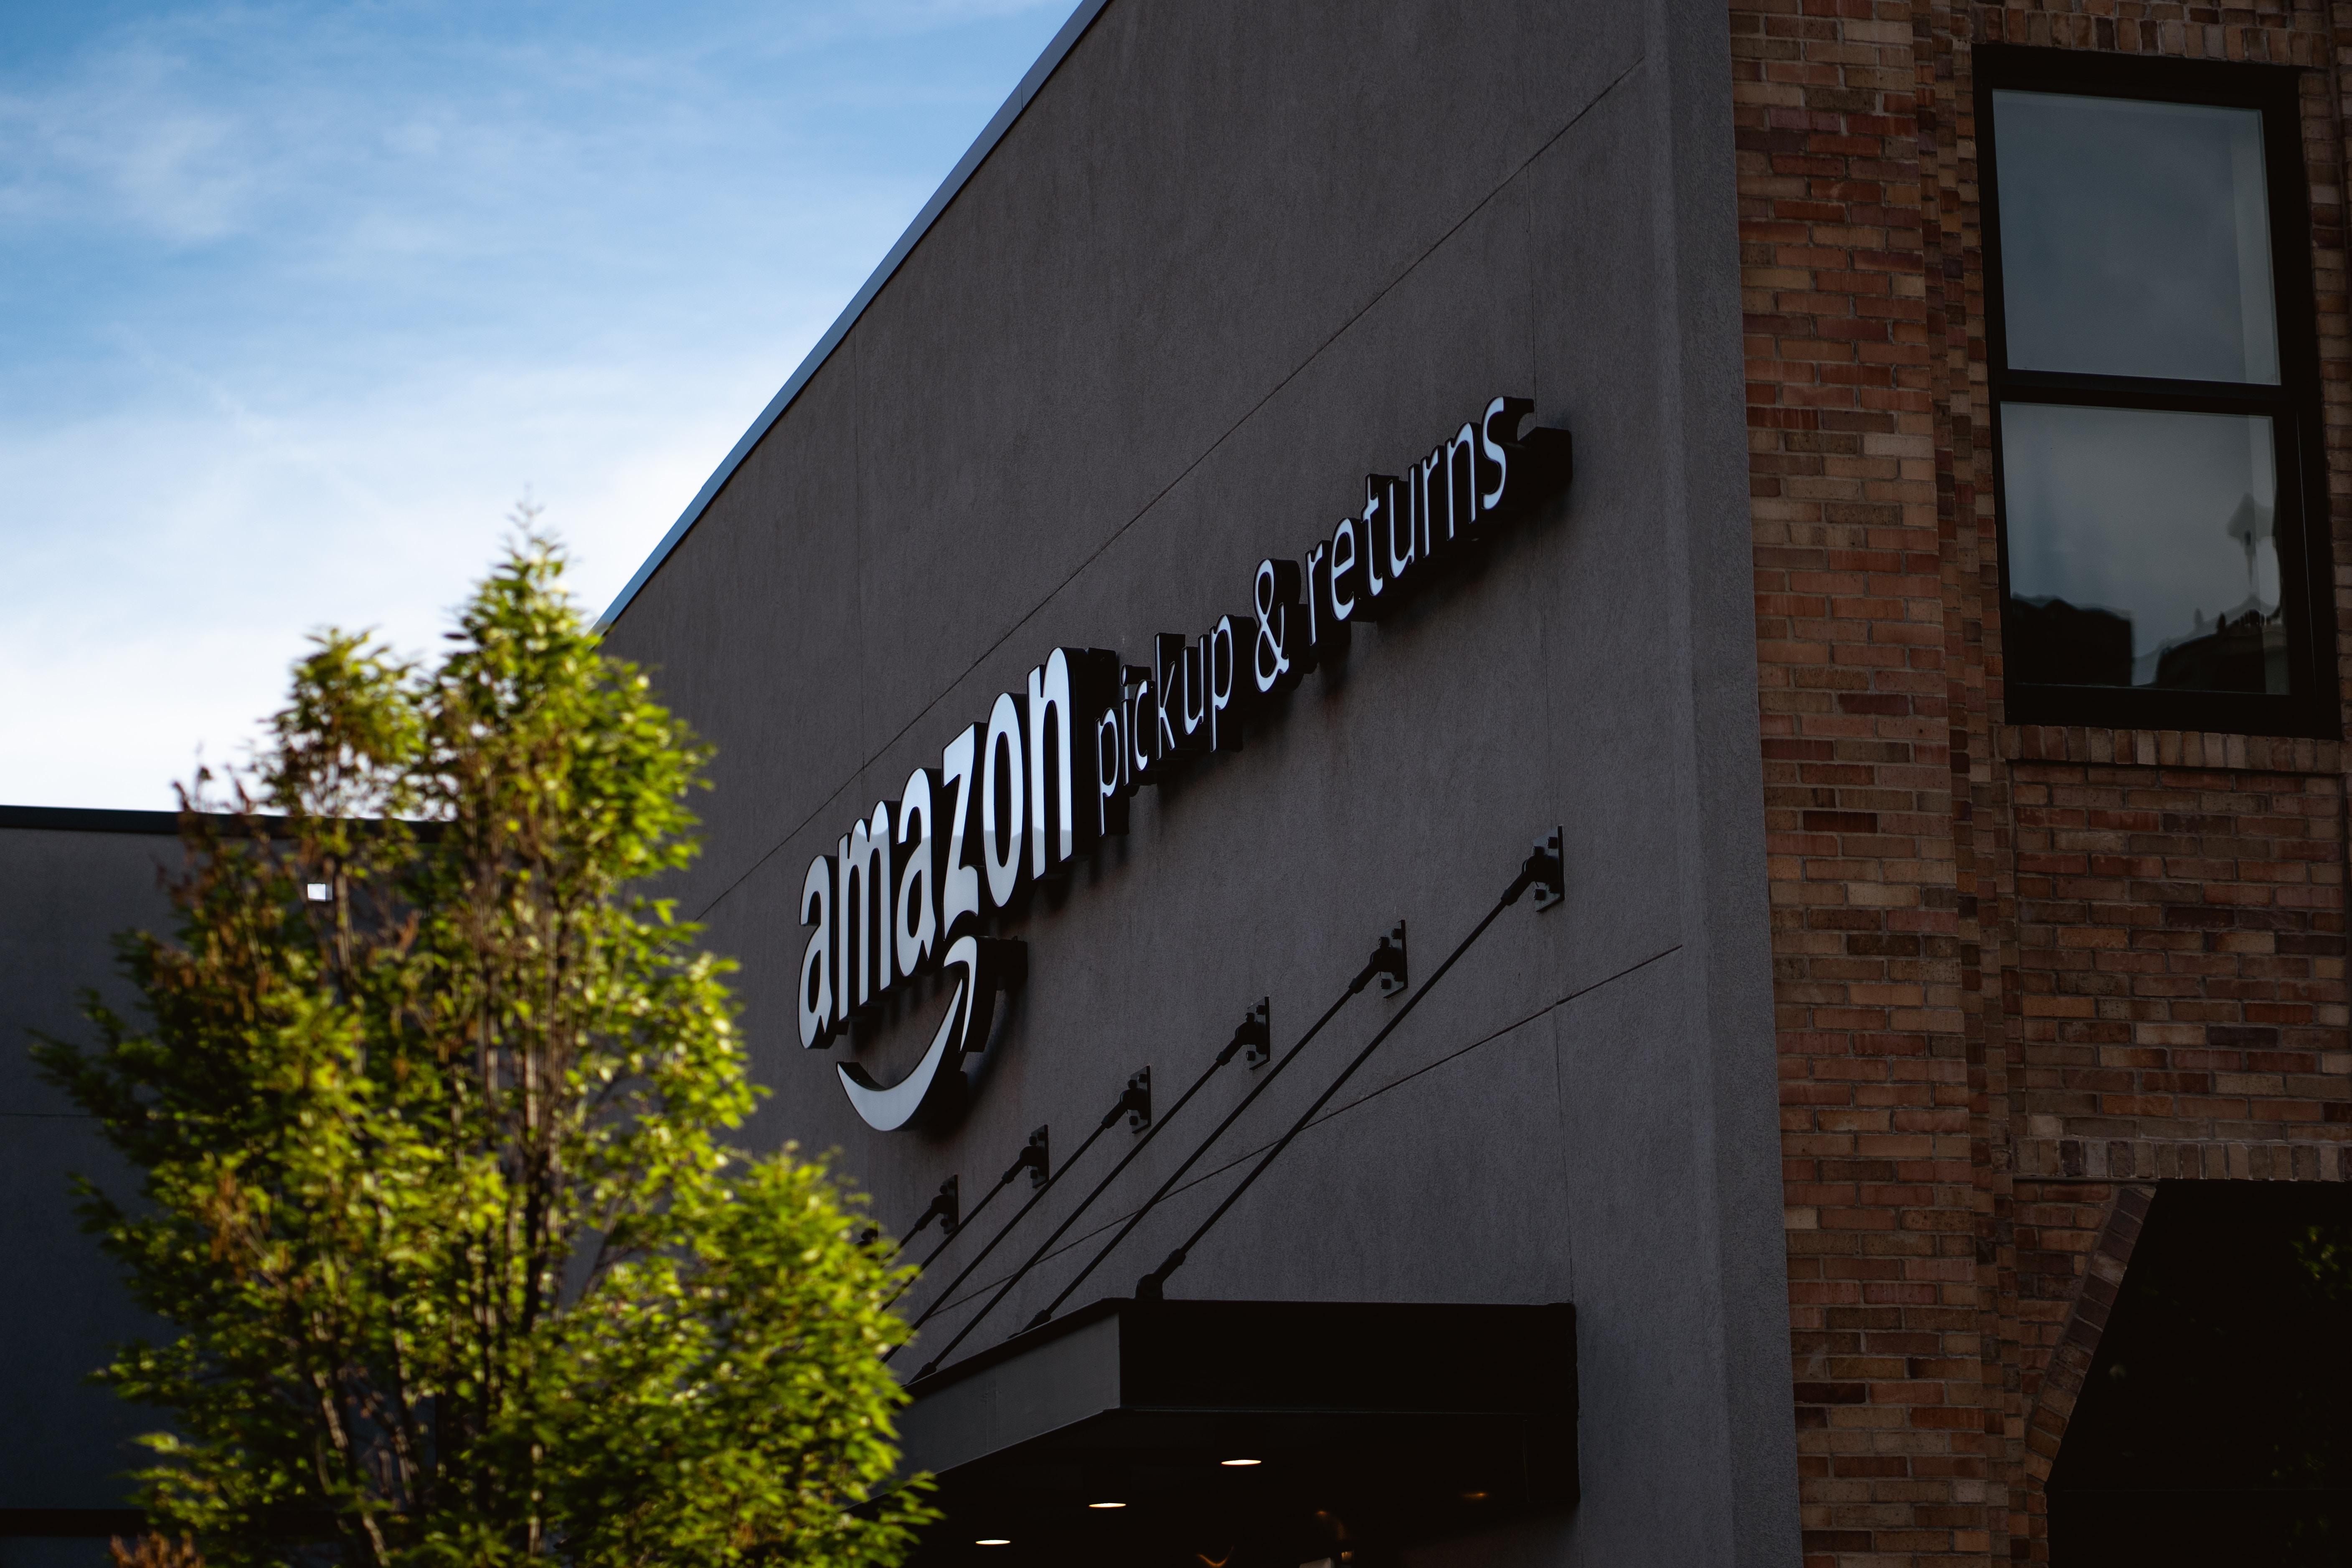 La tecnologia di Amazon Go approderà su altri store nel 2020